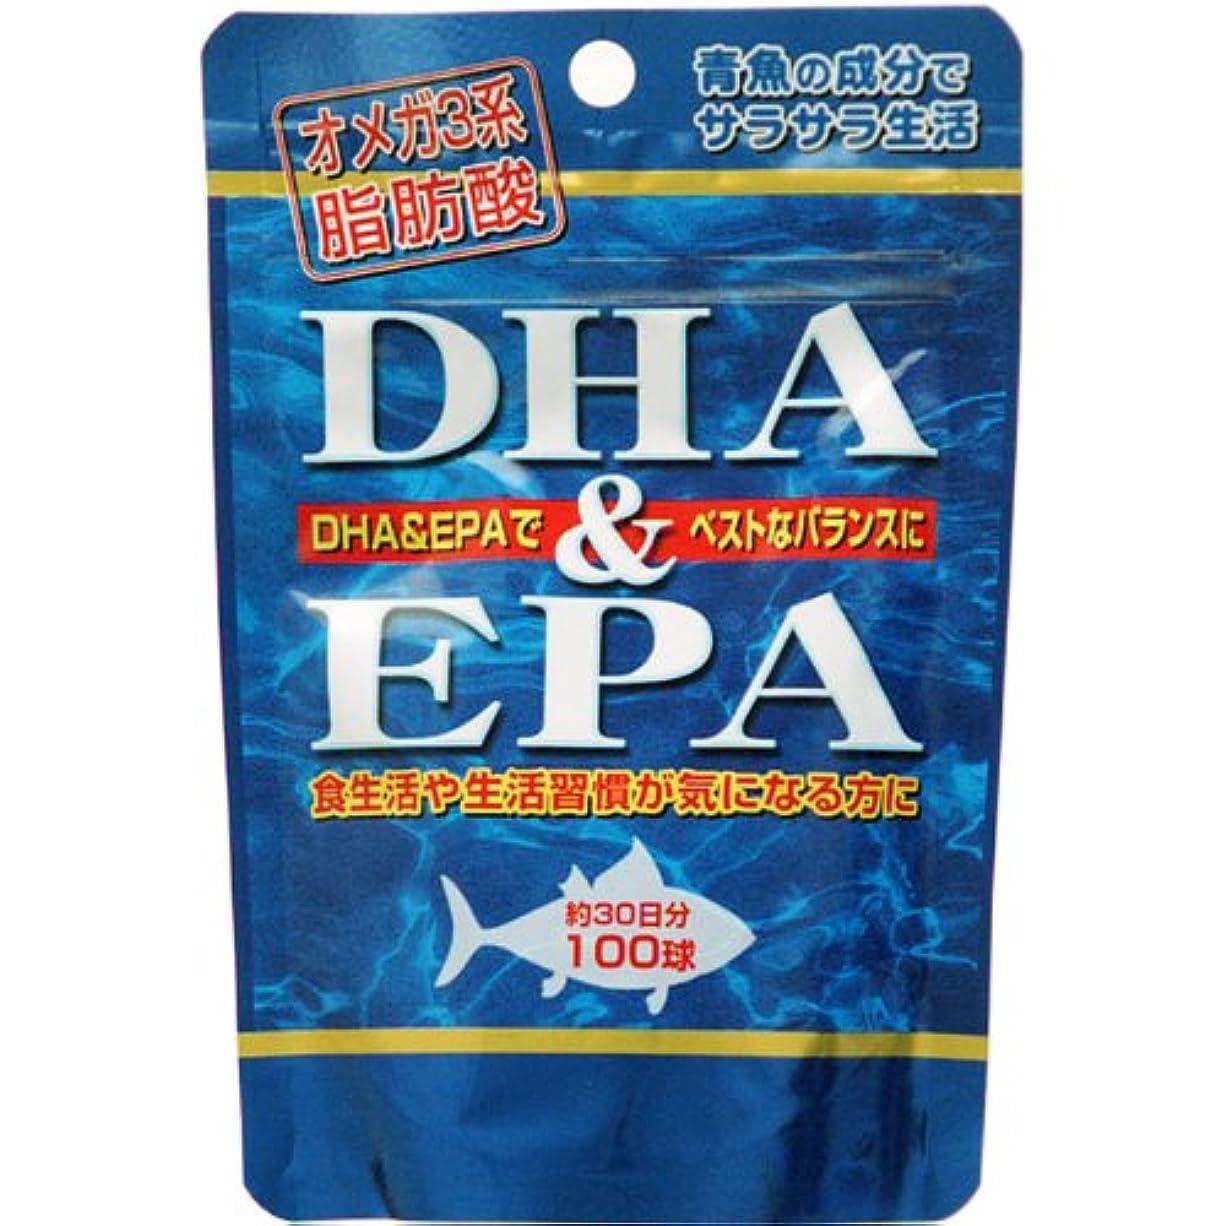 ドナウ川限り下着DHA(ドコサヘキサエン酸)&EPA(エイコサペンタエン酸)×4